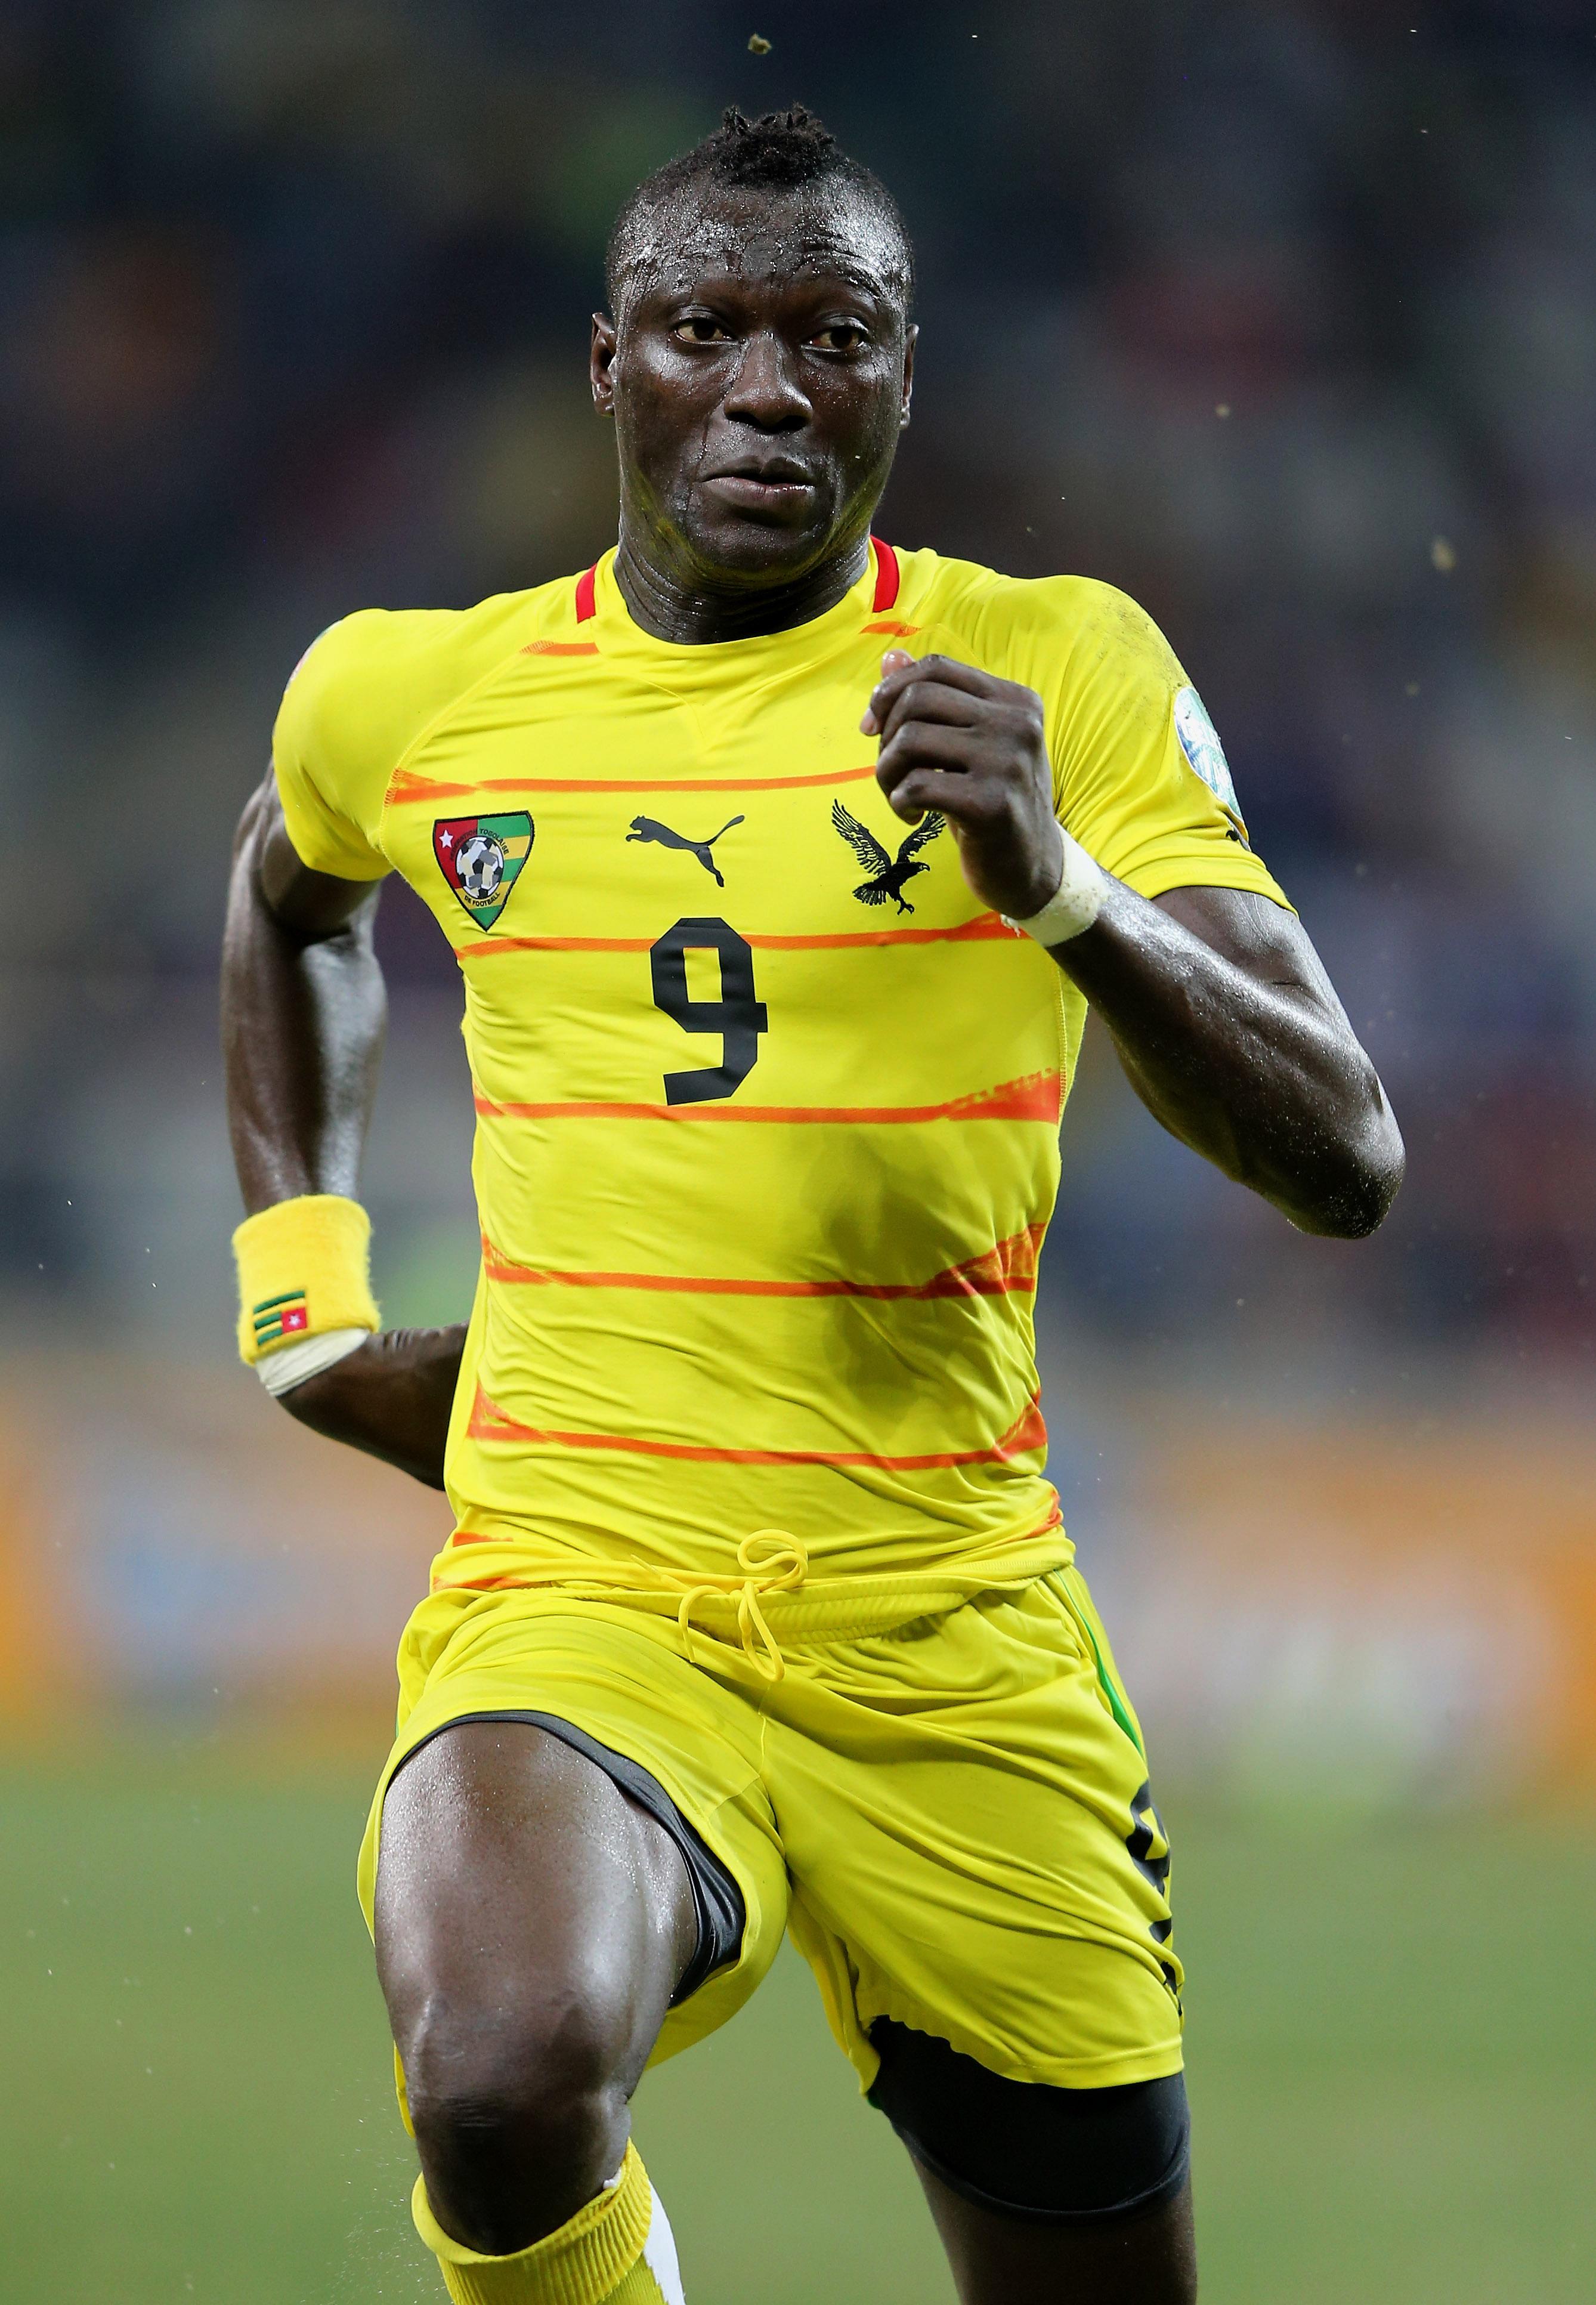 Burkina Faso v Togo - 2013 Africa Cup of Nations Quarter-Final